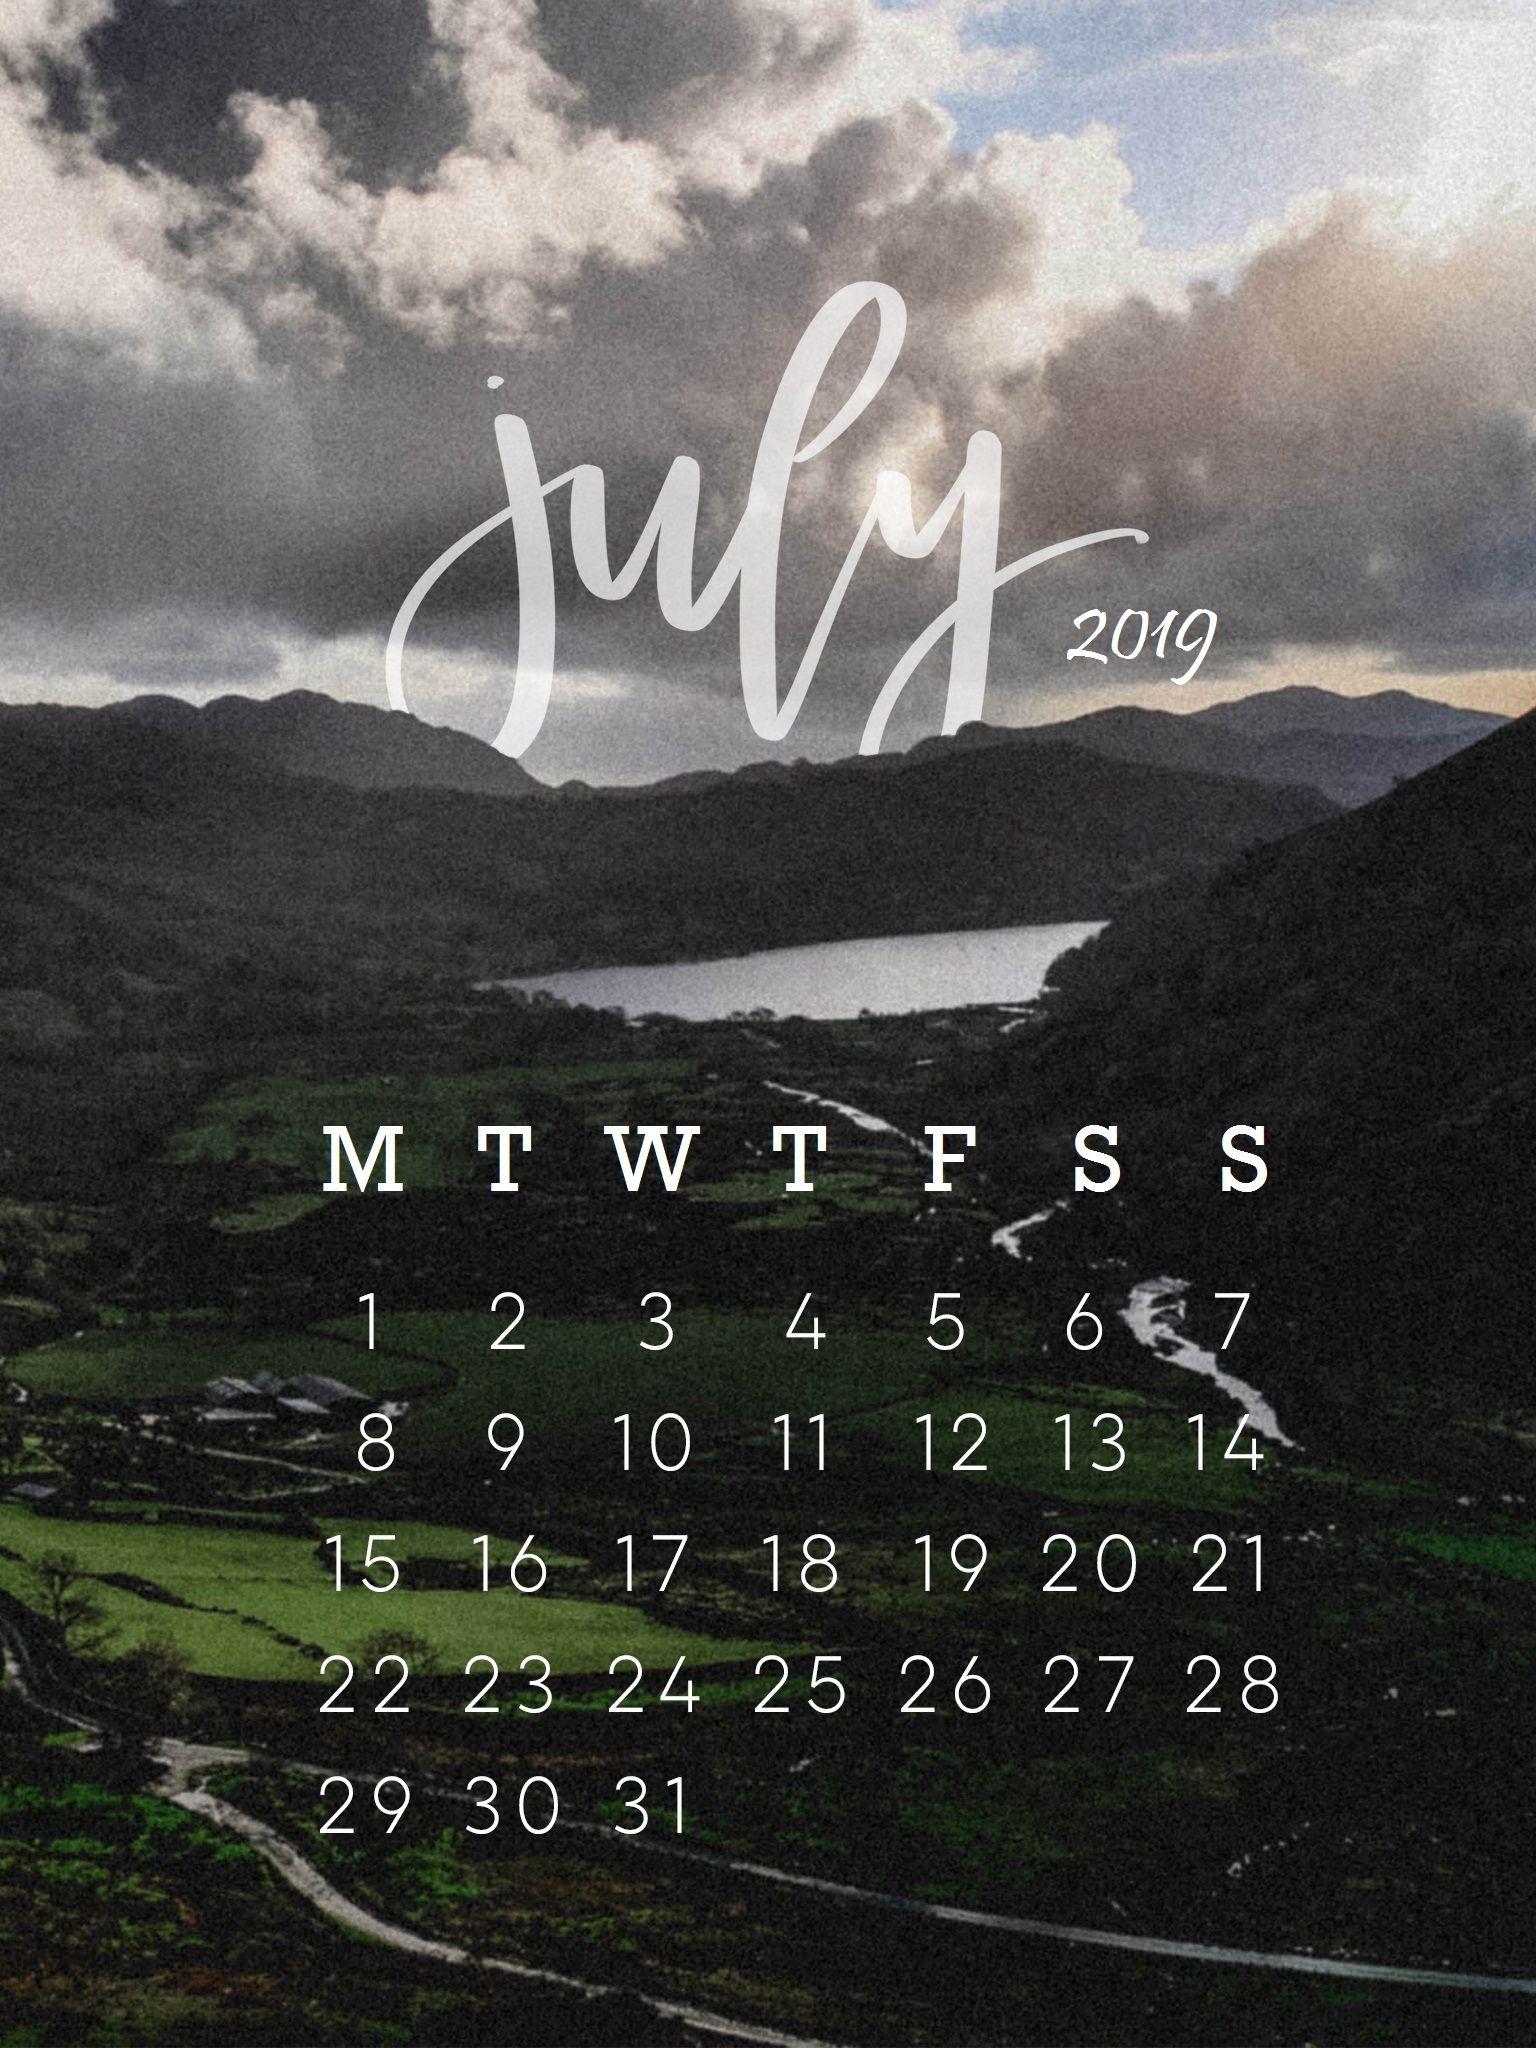 July 2019 Iphone Calendar Wallpaper Calendar Wallpaper Calendar Background July Calendar